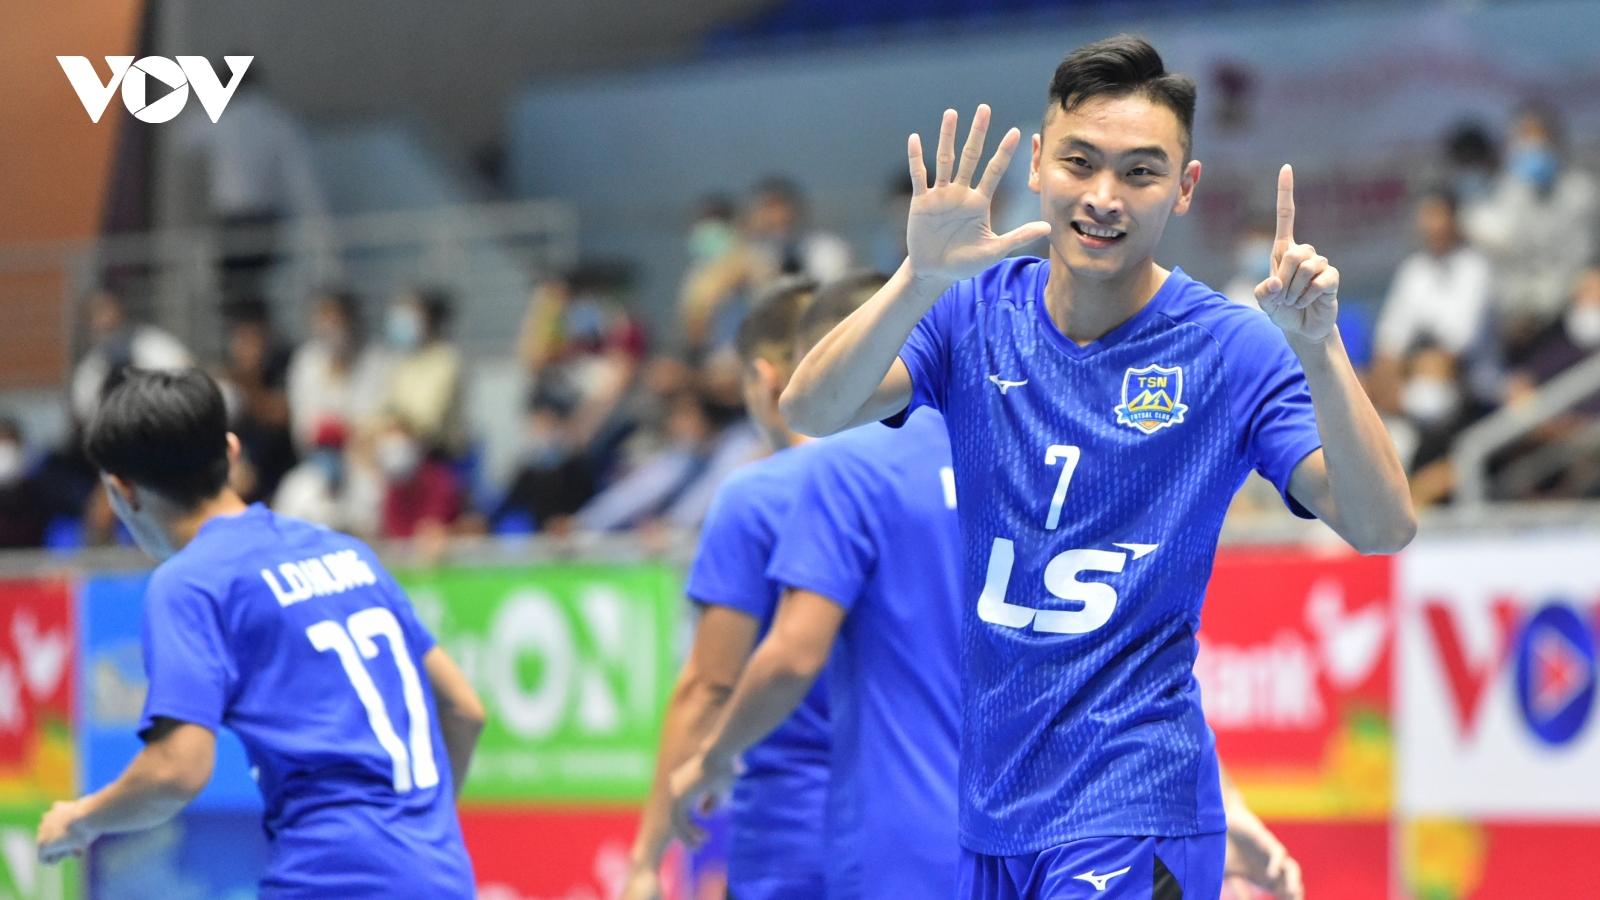 Giải Futsal HDBank VĐQG 2021: Lượt đi thành công ngoài mong đợi!